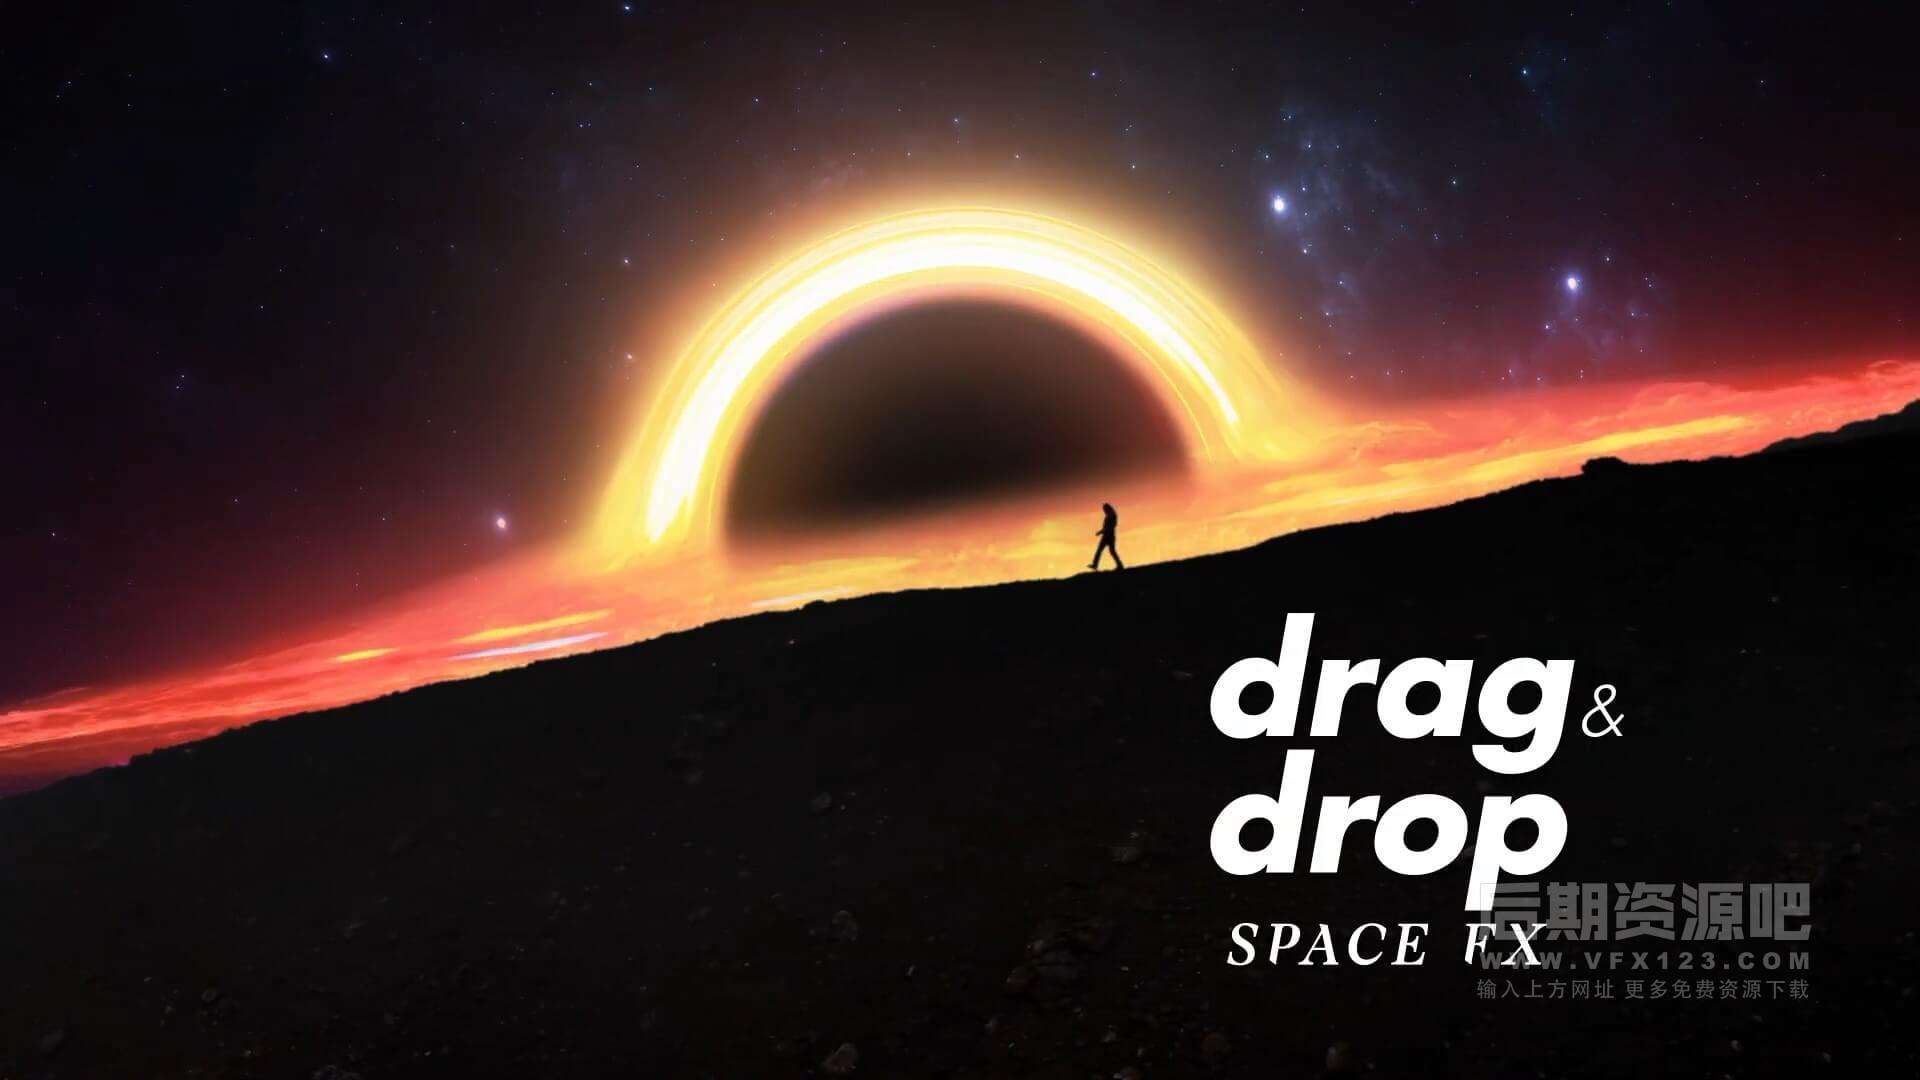 宇宙星云太空星球影片场景构建特效合成素材 附使用参考 ASTRA Space Pack